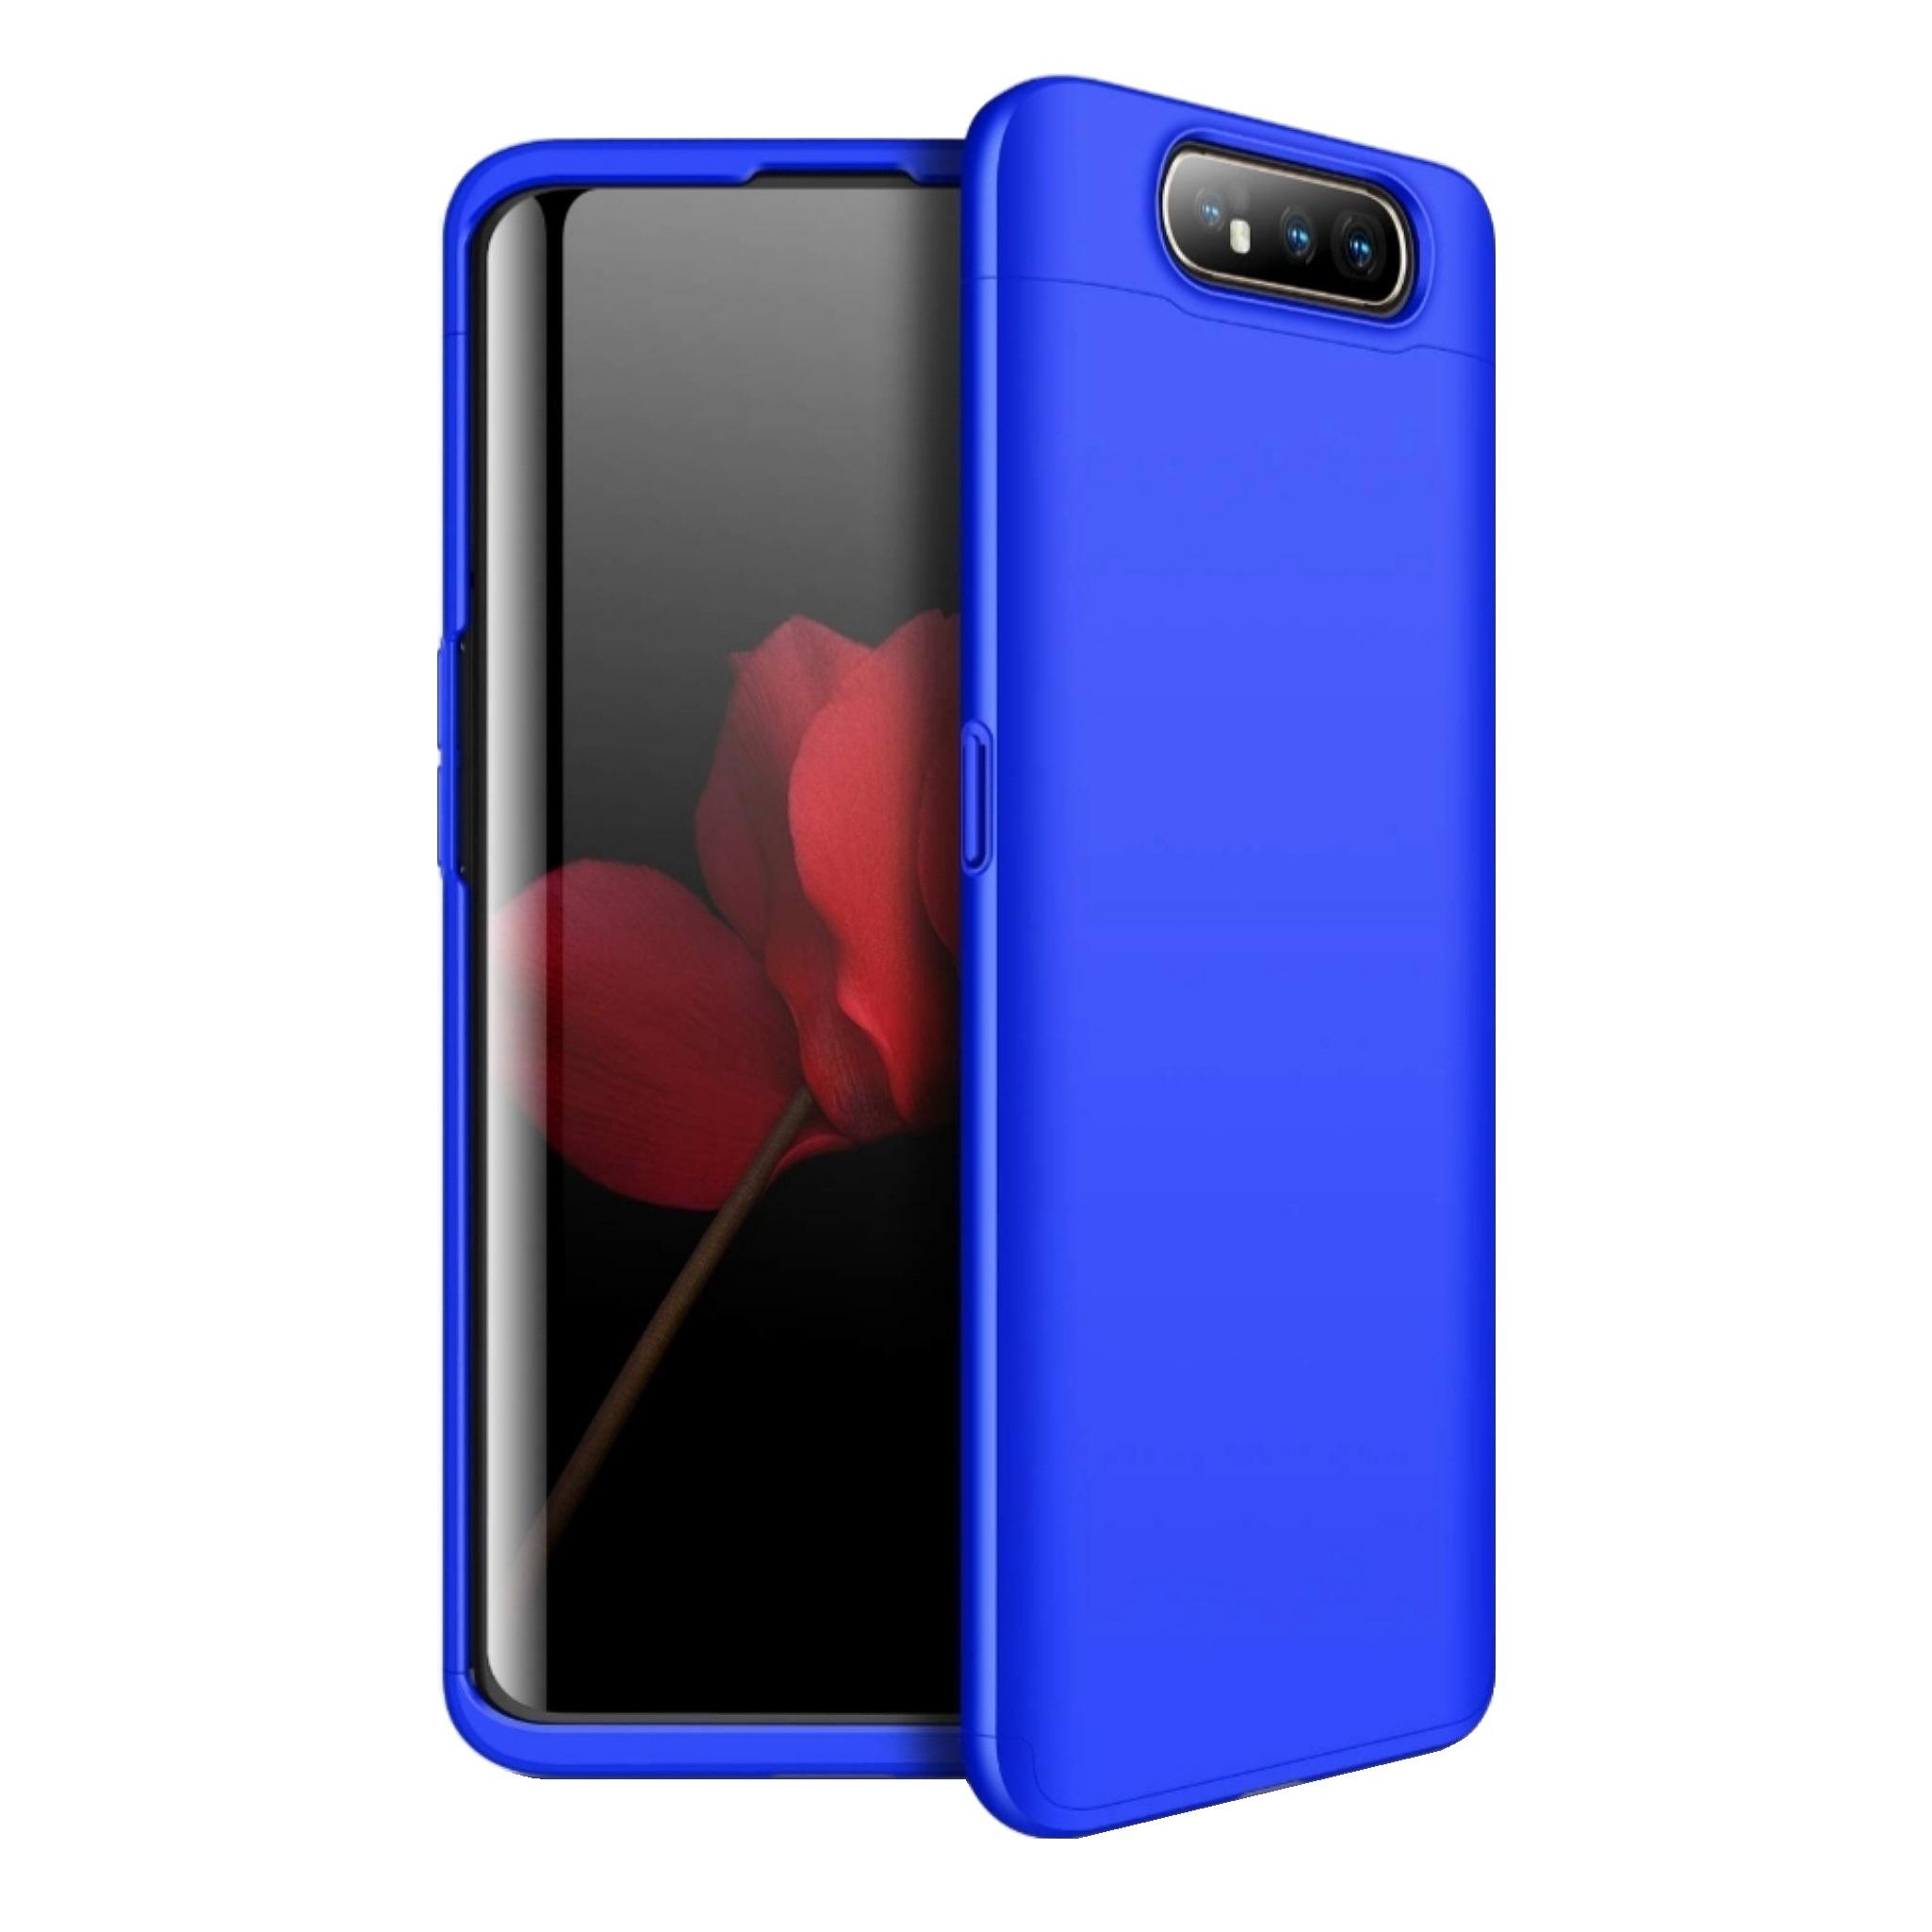 کاور 360 درجه جی کی کی مدل Gk-800 مناسب برای گوشی موبایل سامسونگ GALAXY A80              ( قیمت و خرید)